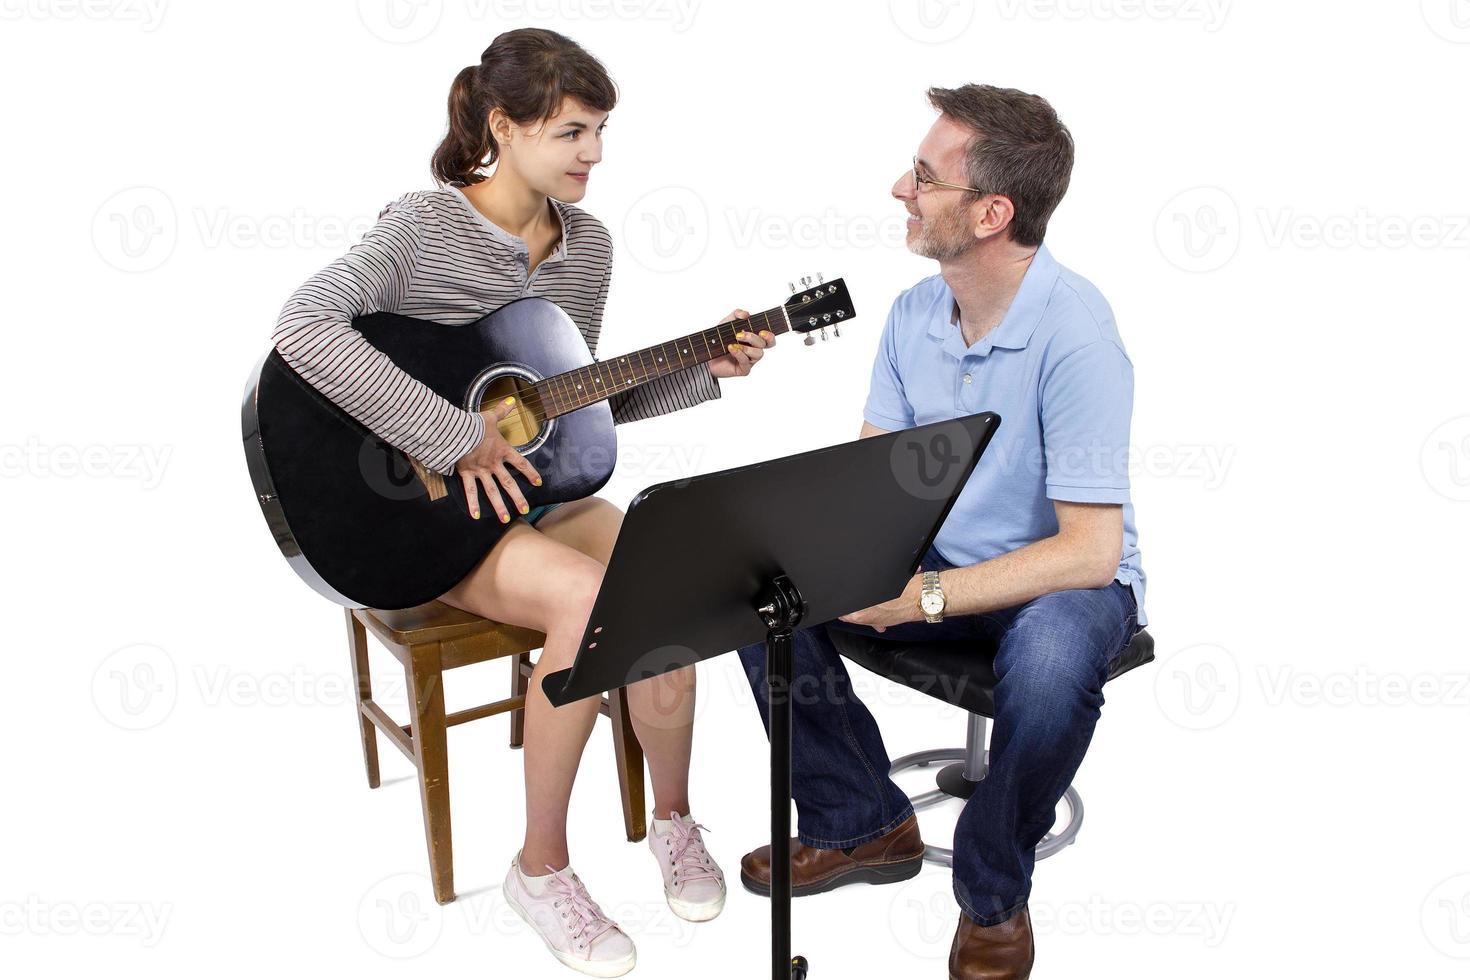 Musikunterricht mit Gitarre foto